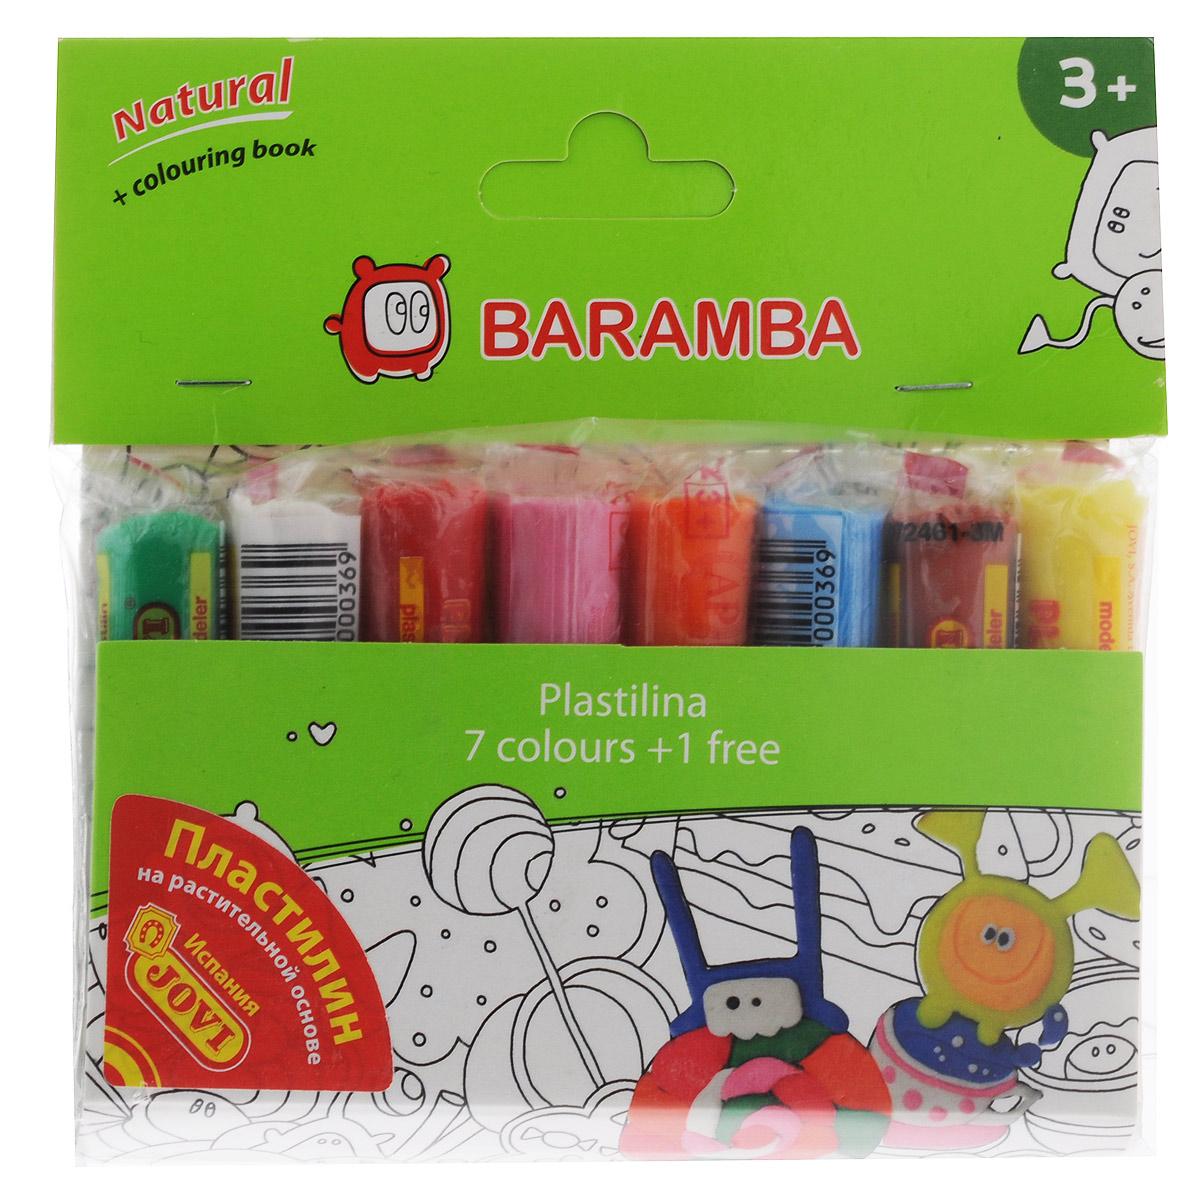 Пластилин на натуральной основе Baramba, с пищевыми красителями, 8 цветовB26007Пластилин Baramba это отличная возможность познакомить ребенка с еще одним из видов изобразительного творчества, в котором создаются объемные образы и целые композиции. В набор входит пластилин 8 ярких цветов (зеленый, белый, красный, розовый, оранжевый, голубой, коричневый, желтый), раскраска.Цвета пластилина легко смешиваются между собой, и таким образом можно получить новые оттенки. Пластилин на растительной основе имеет яркие, красочные цвета и не липнет к рукам, не сохнет.Техника лепки богата и разнообразна, но при этом доступна даже маленьким детям. Занятие лепкой не только увлекательно, но и полезно для ребенка. Оно способствует развитию творческого и пространственного мышления, восприятия формы, фактуры, цвета и веса, развивает воображение и мелкую моторику.